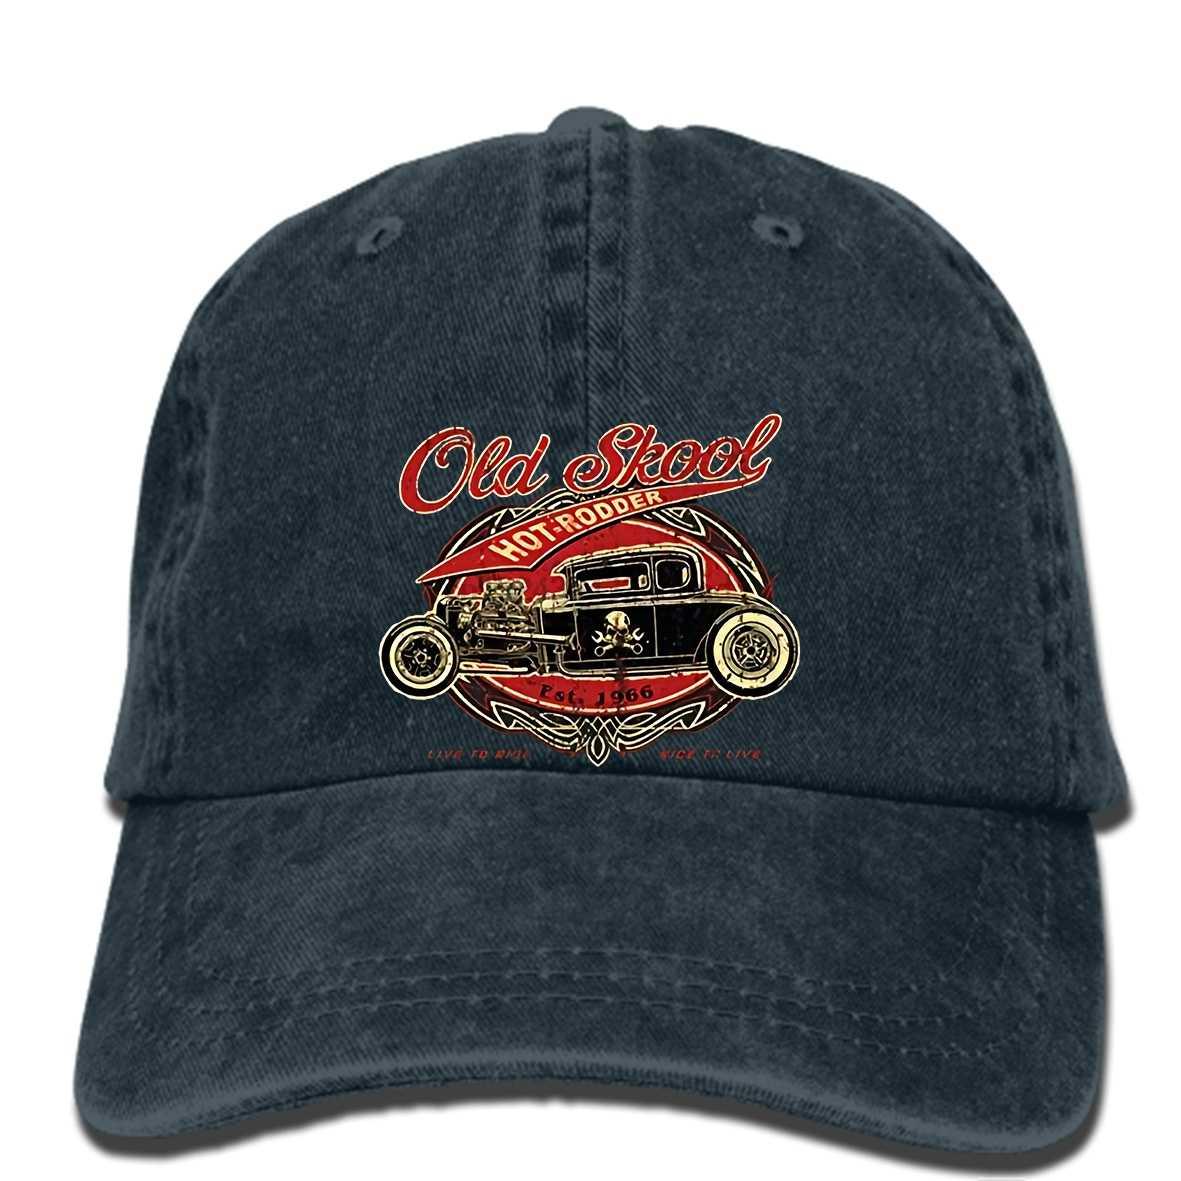 5d6aba66dec53 hip hop Baseball caps OLD SKOOL SCHOOL HOT ROD Vintage Classic Car cap